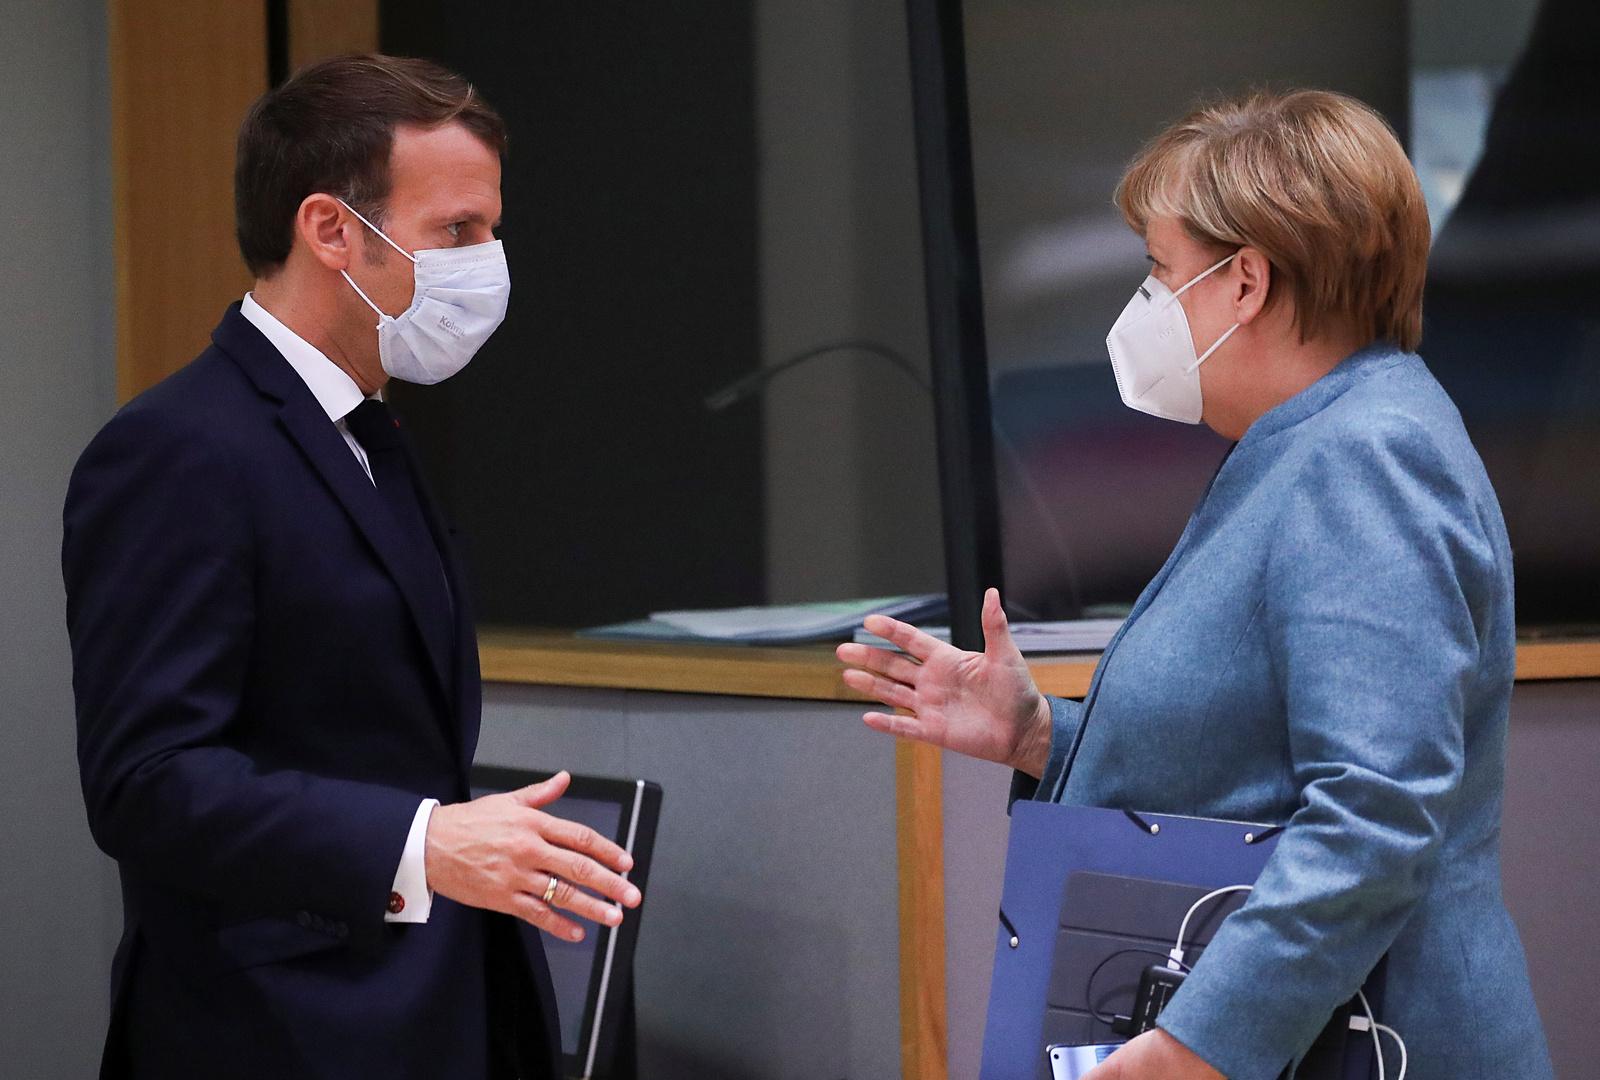 ماكرون وميركل وزعماء أوروبيون يبحثون مبادرة للتصدي